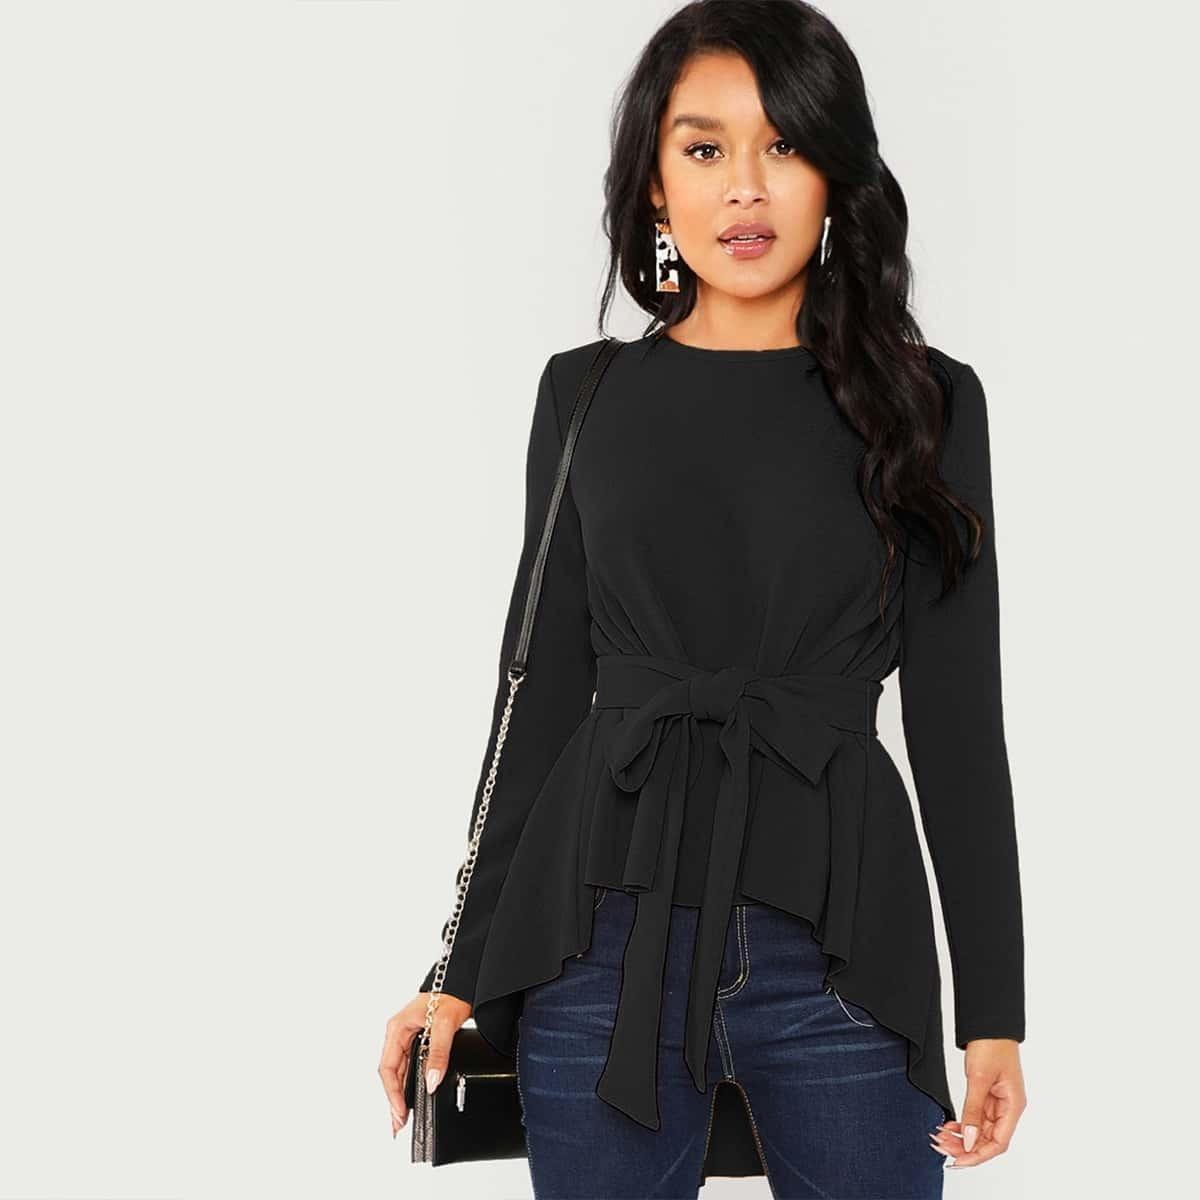 Блуза с длинным рукавом ассиметричный низ пояс бант